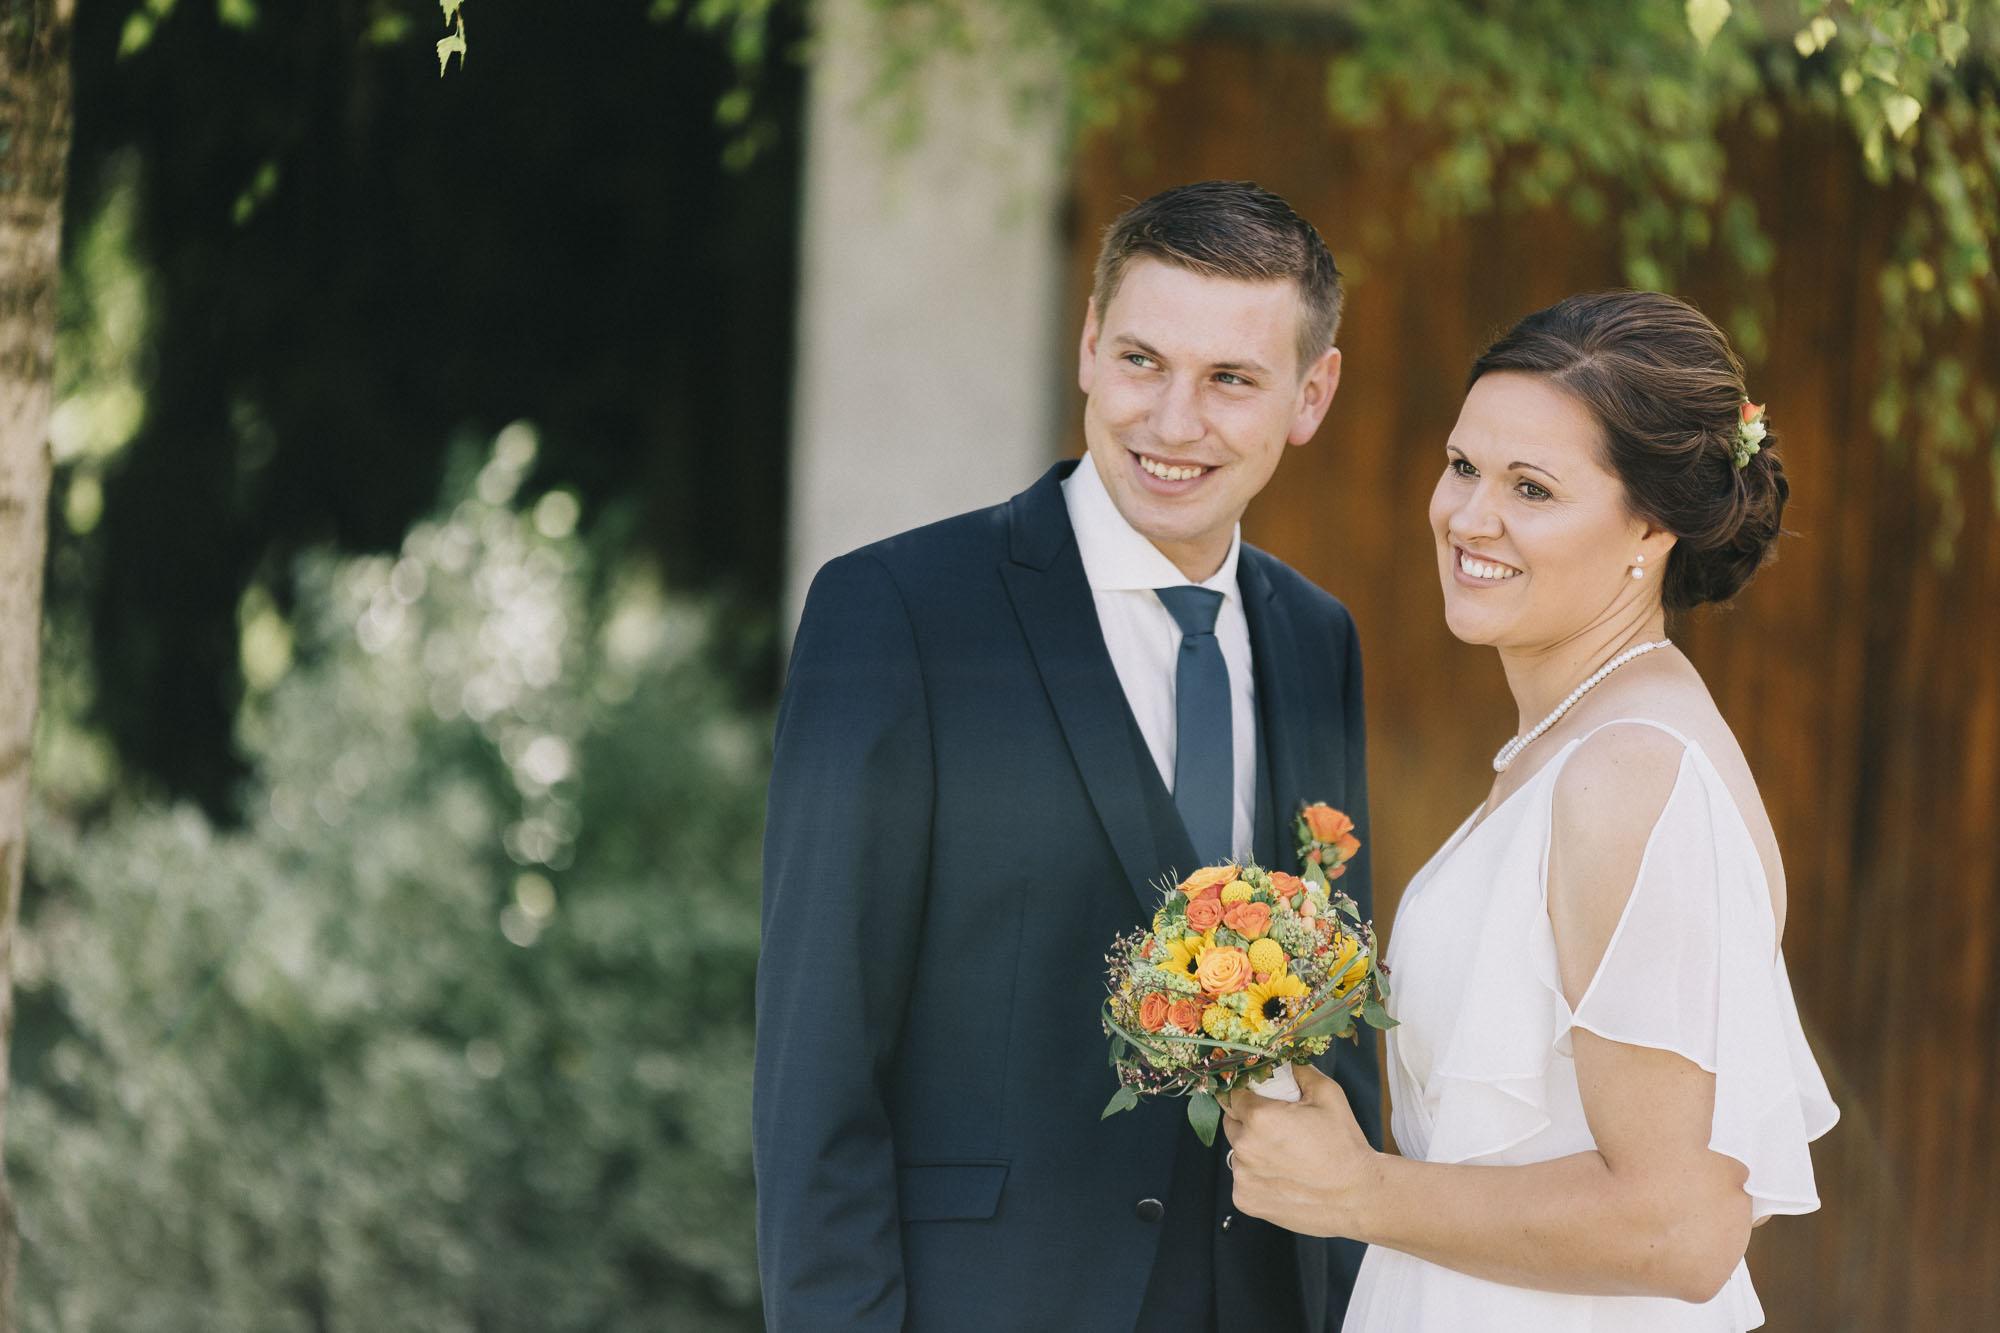 Hochzeitsreportage-Crailsheim-Krystina-Stefan-21